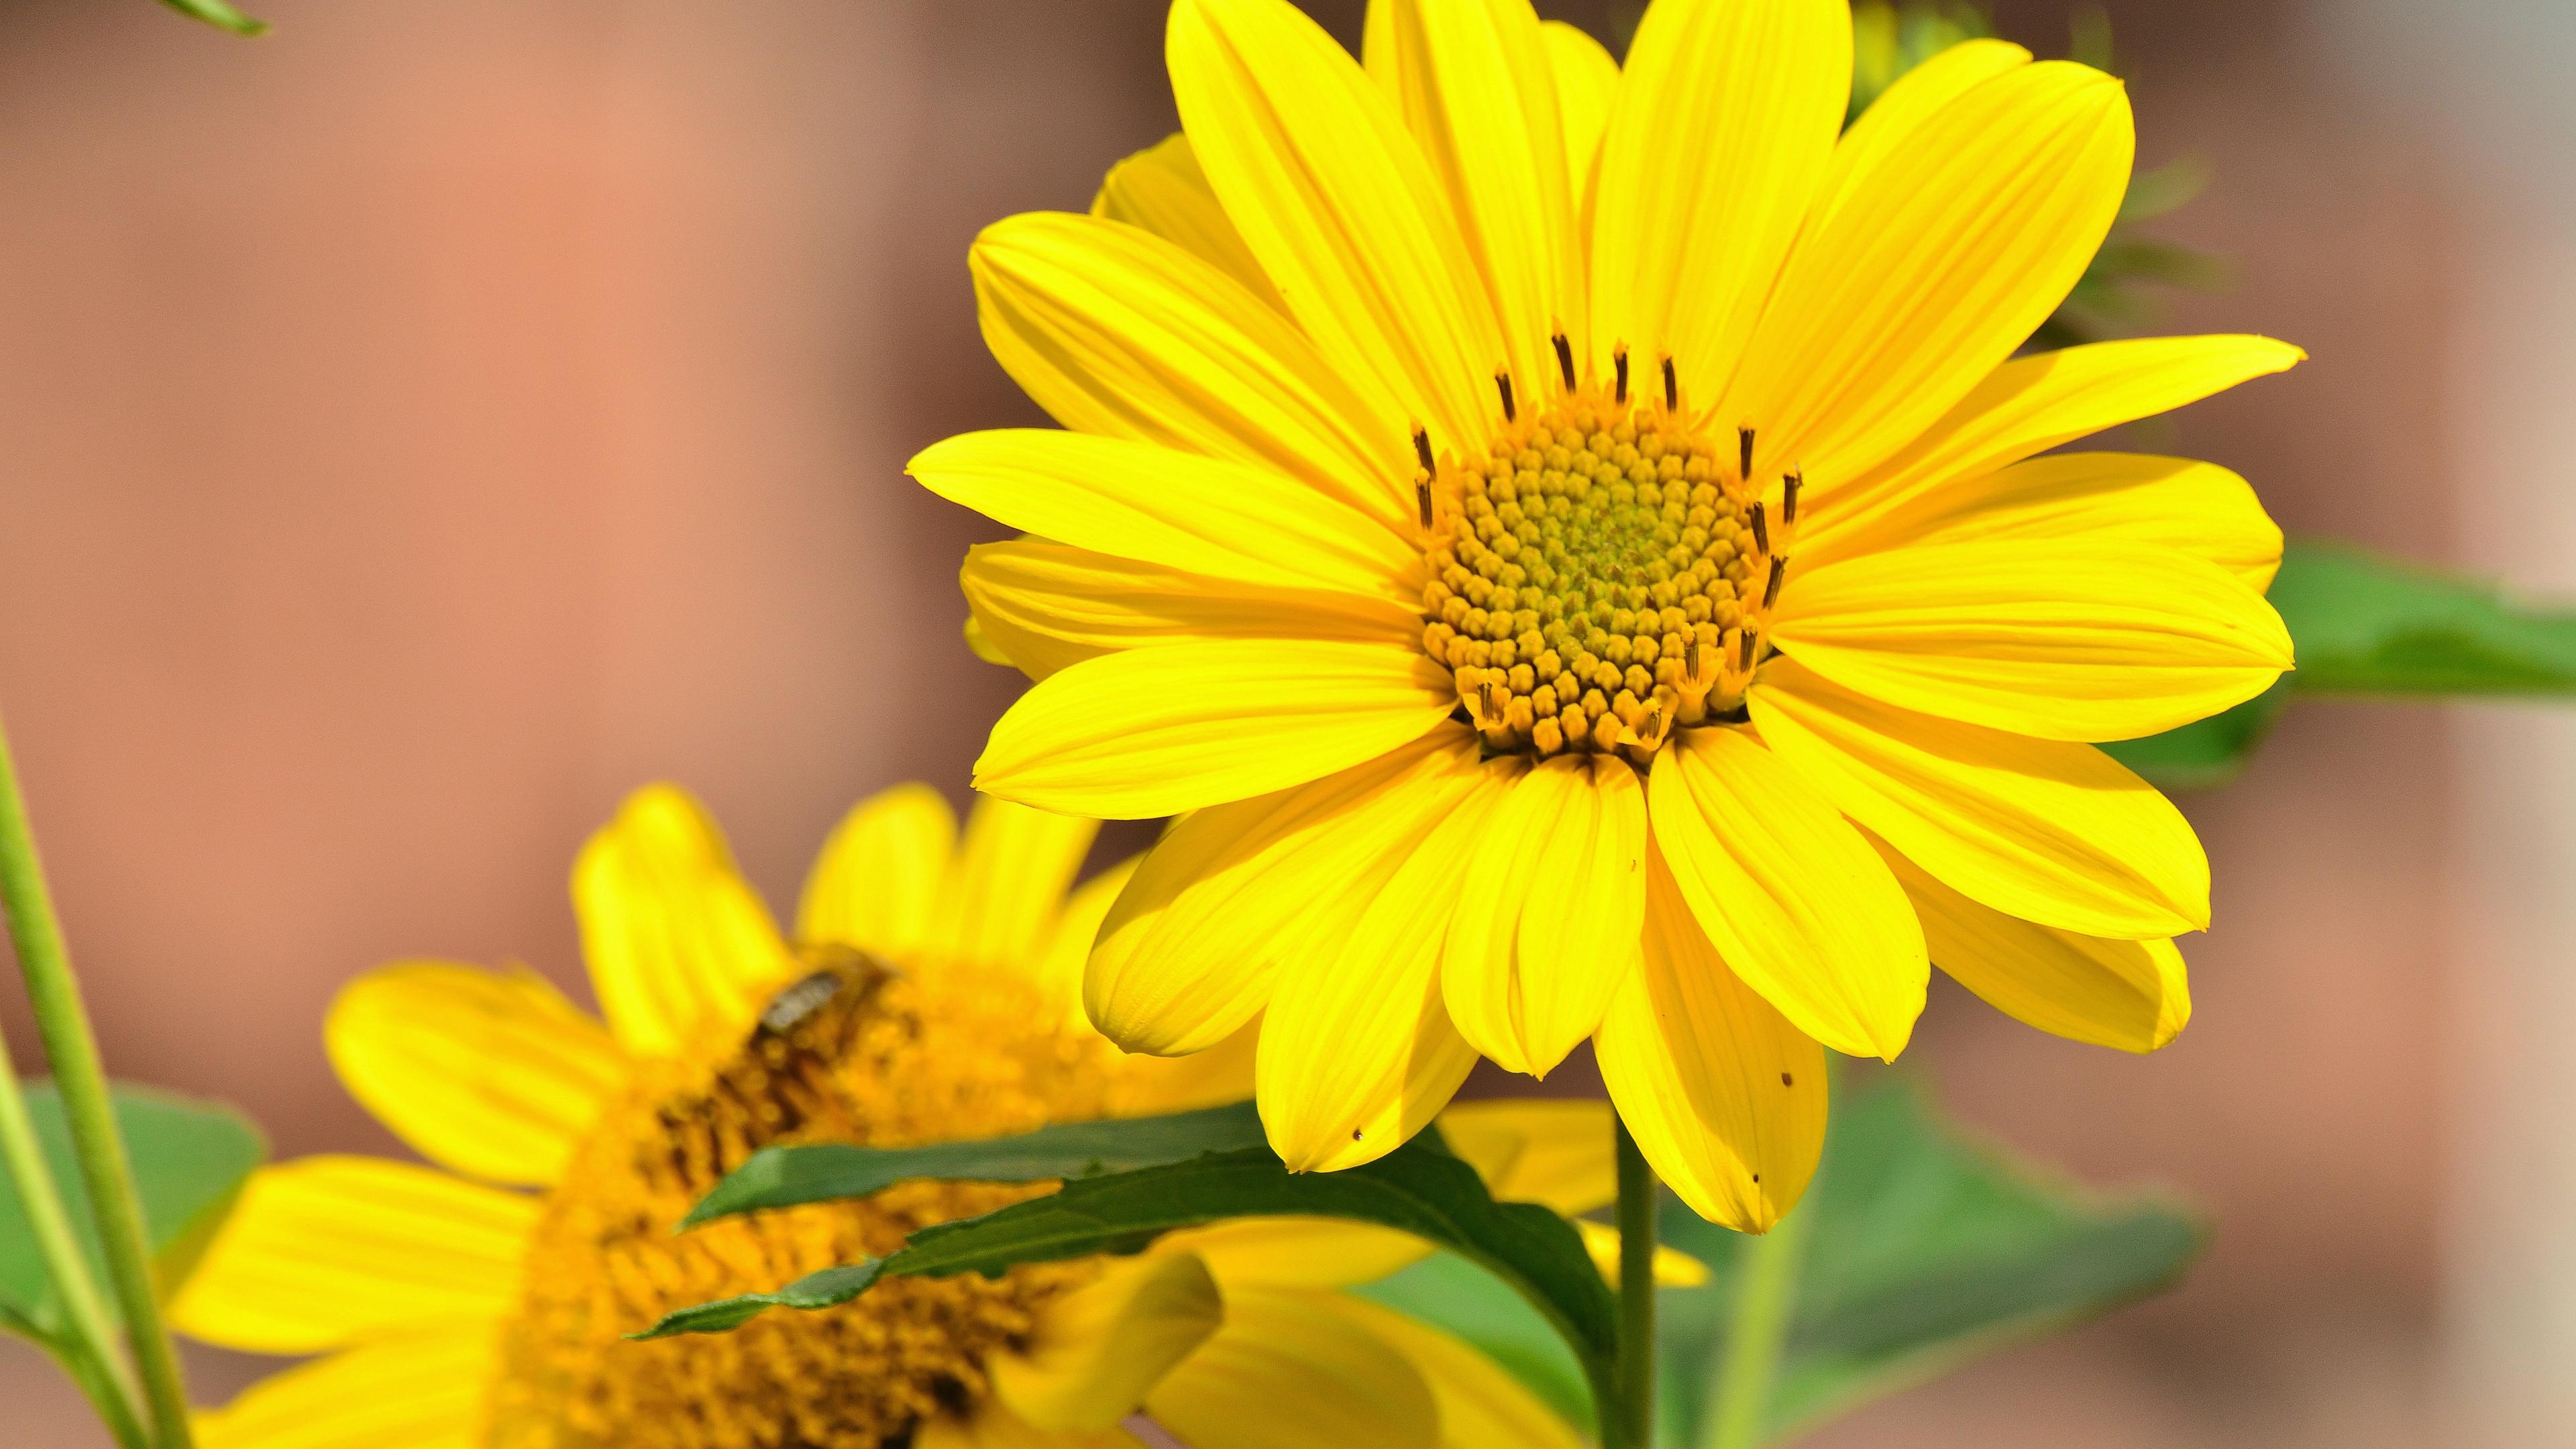 Цветы солнечные